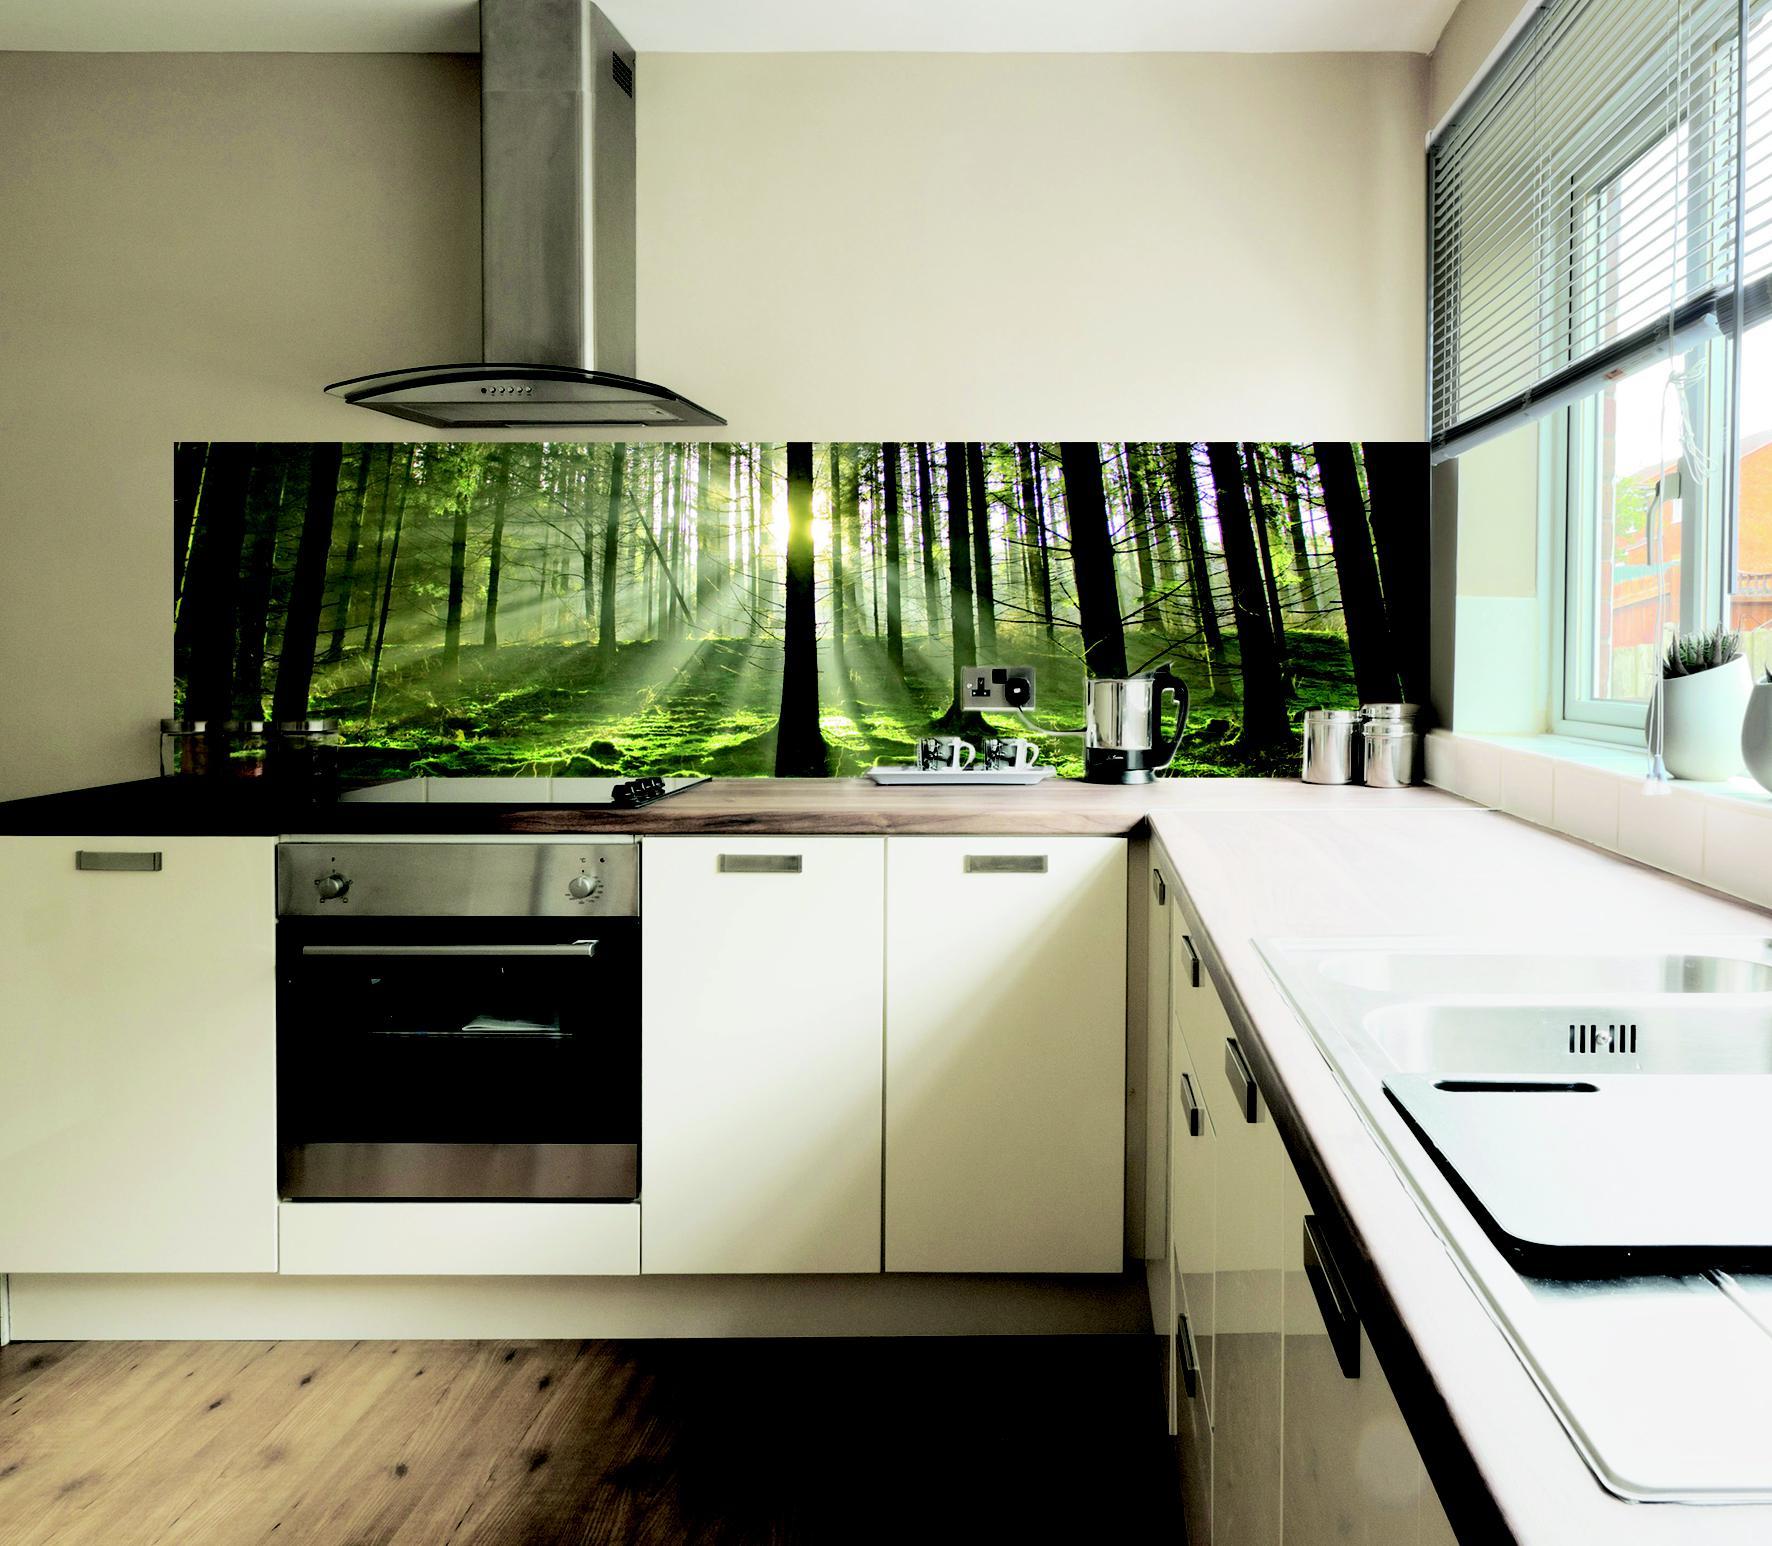 anleitung fachgerechte befestigung k chenr ckwand. Black Bedroom Furniture Sets. Home Design Ideas